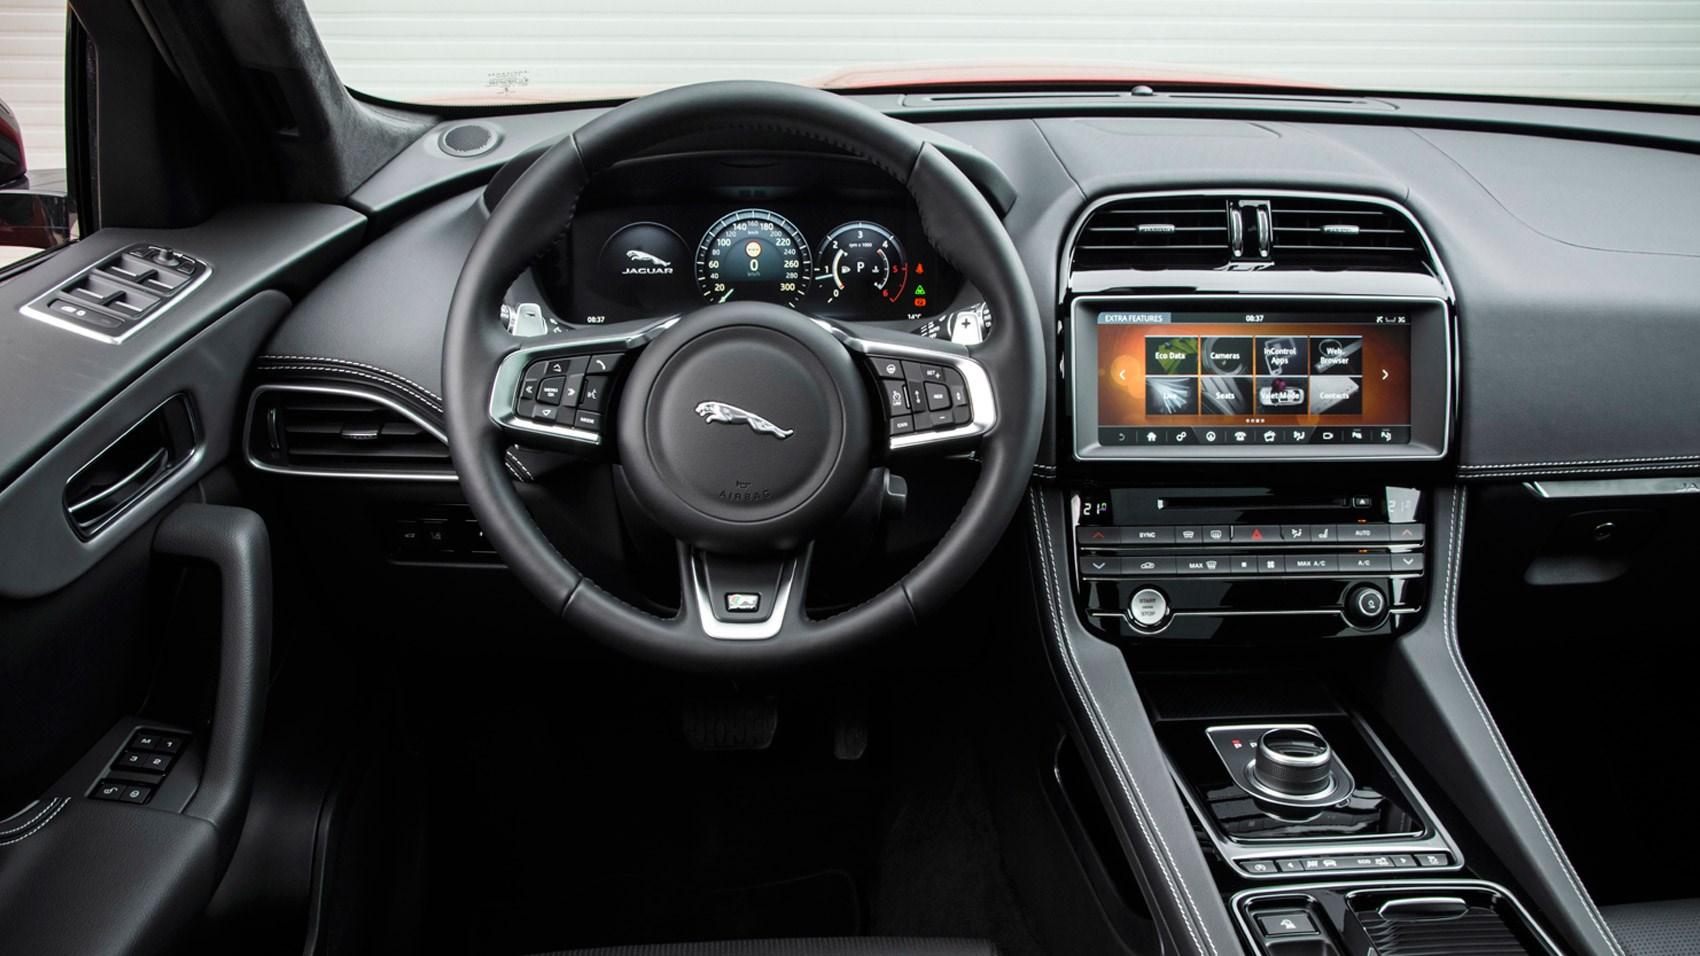 Jaguar F Pace White Interior >> Jaguar F-Pace 2.0D R-Sport (2016) review | CAR Magazine